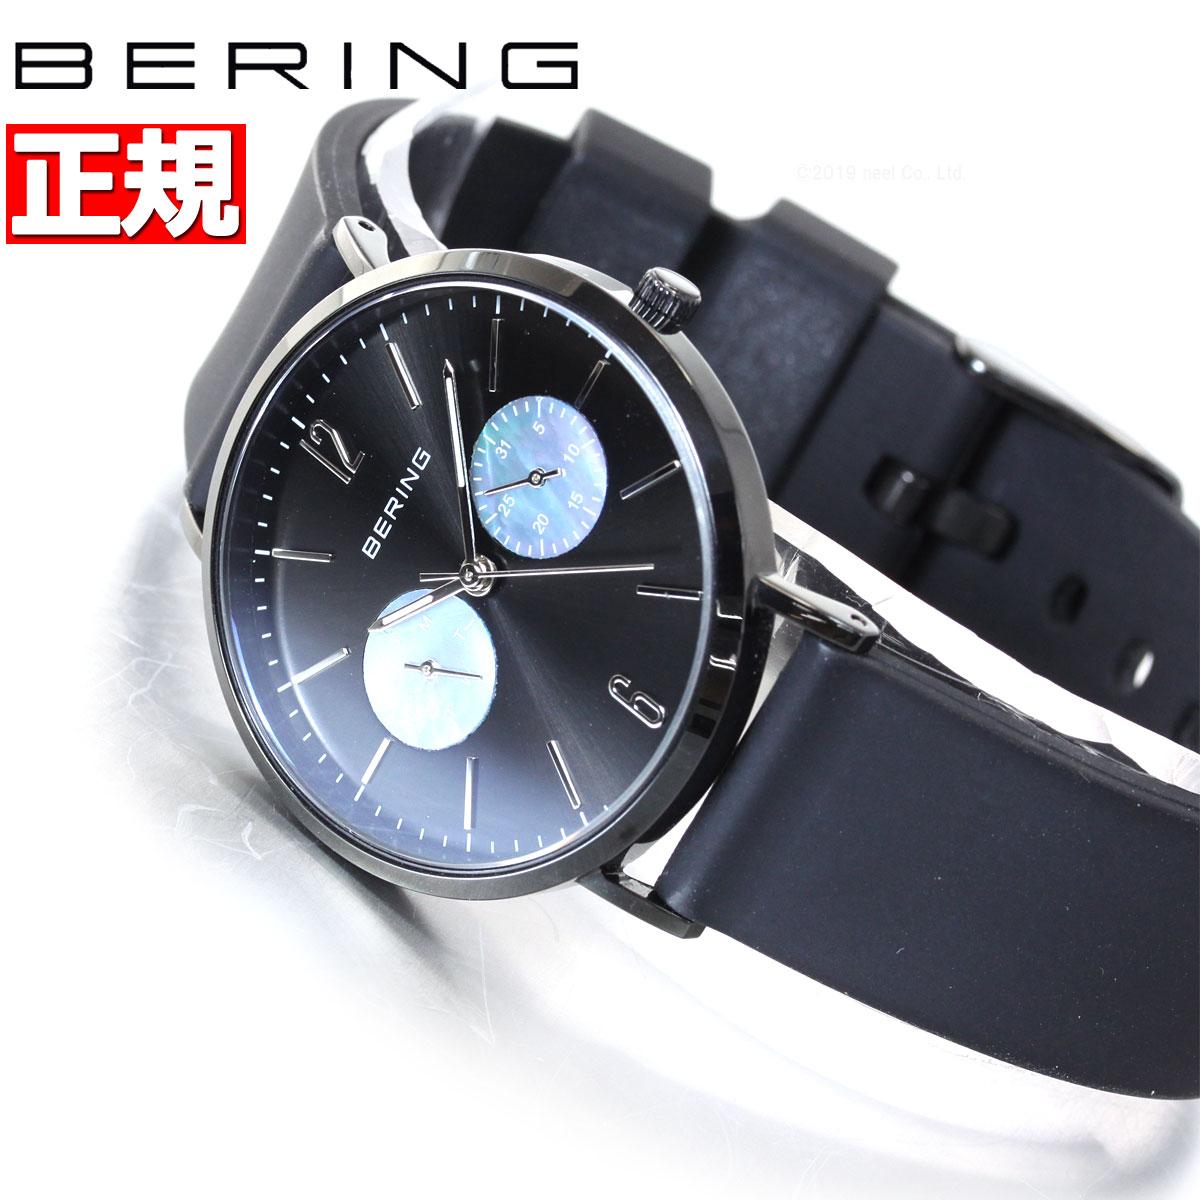 【5日0時~♪10%OFFクーポン&店内ポイント最大51倍!5日23時59分まで】ベーリング BERING 日本限定モデル 腕時計 メンズ レディース CHANGES 14236-122